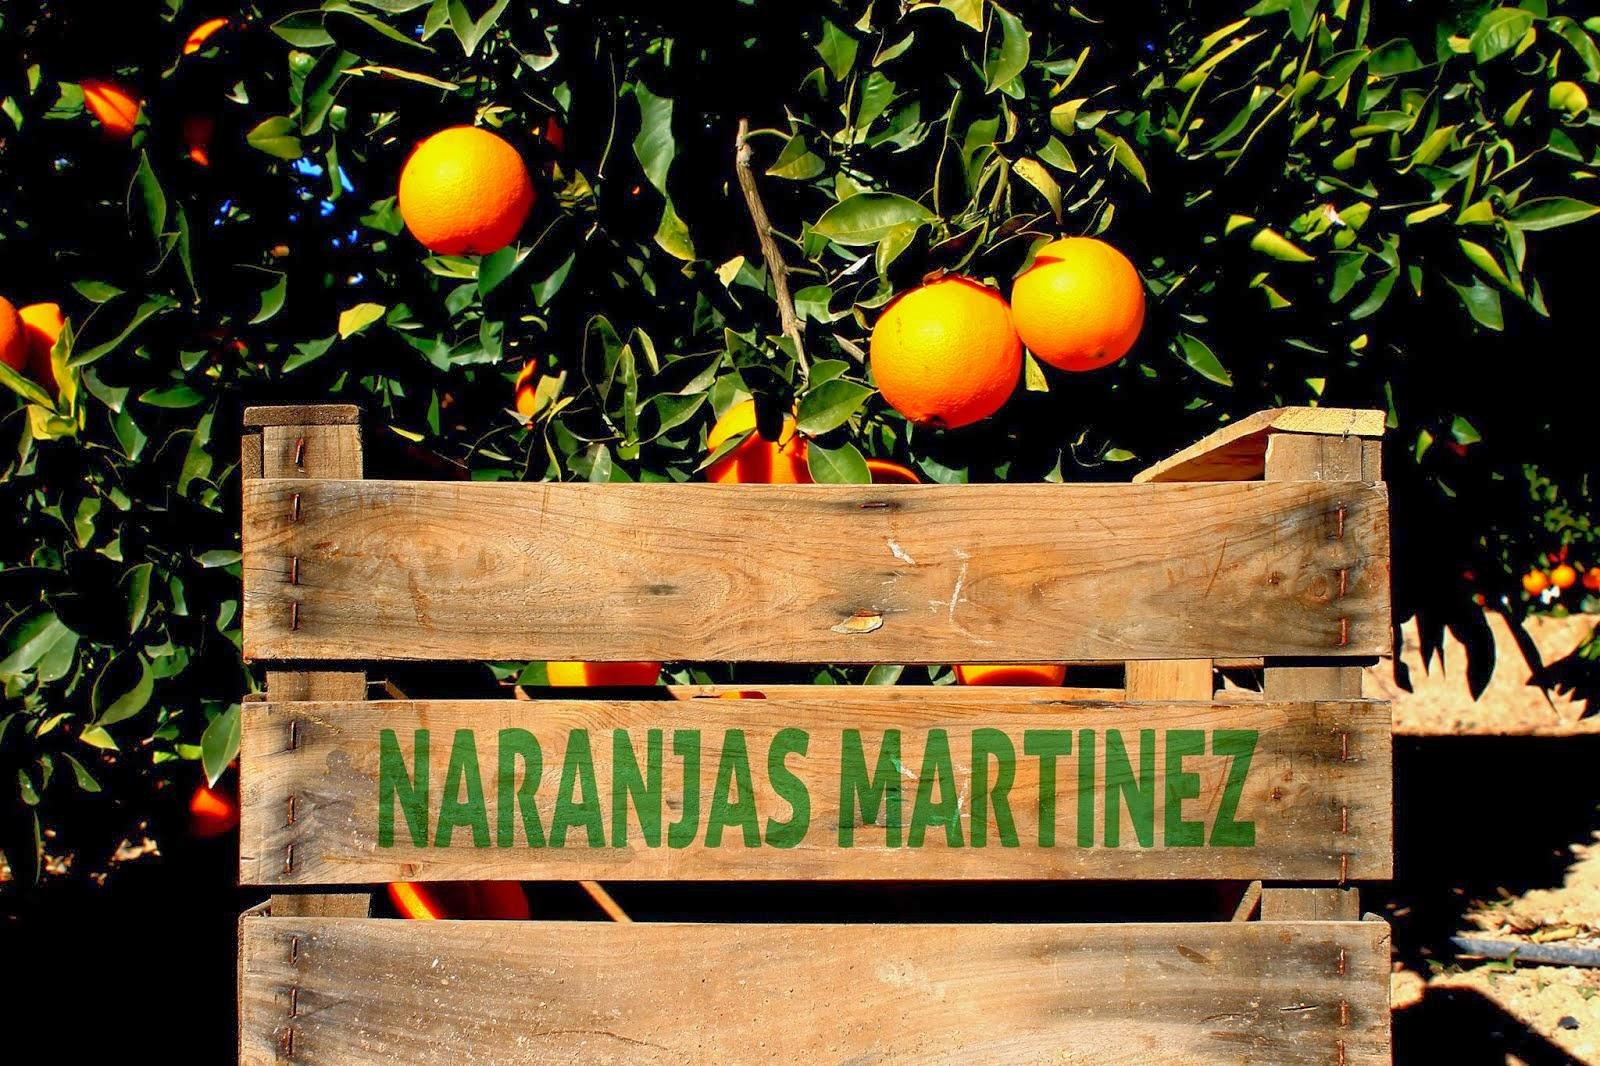 NARANJAS MARTIEZ